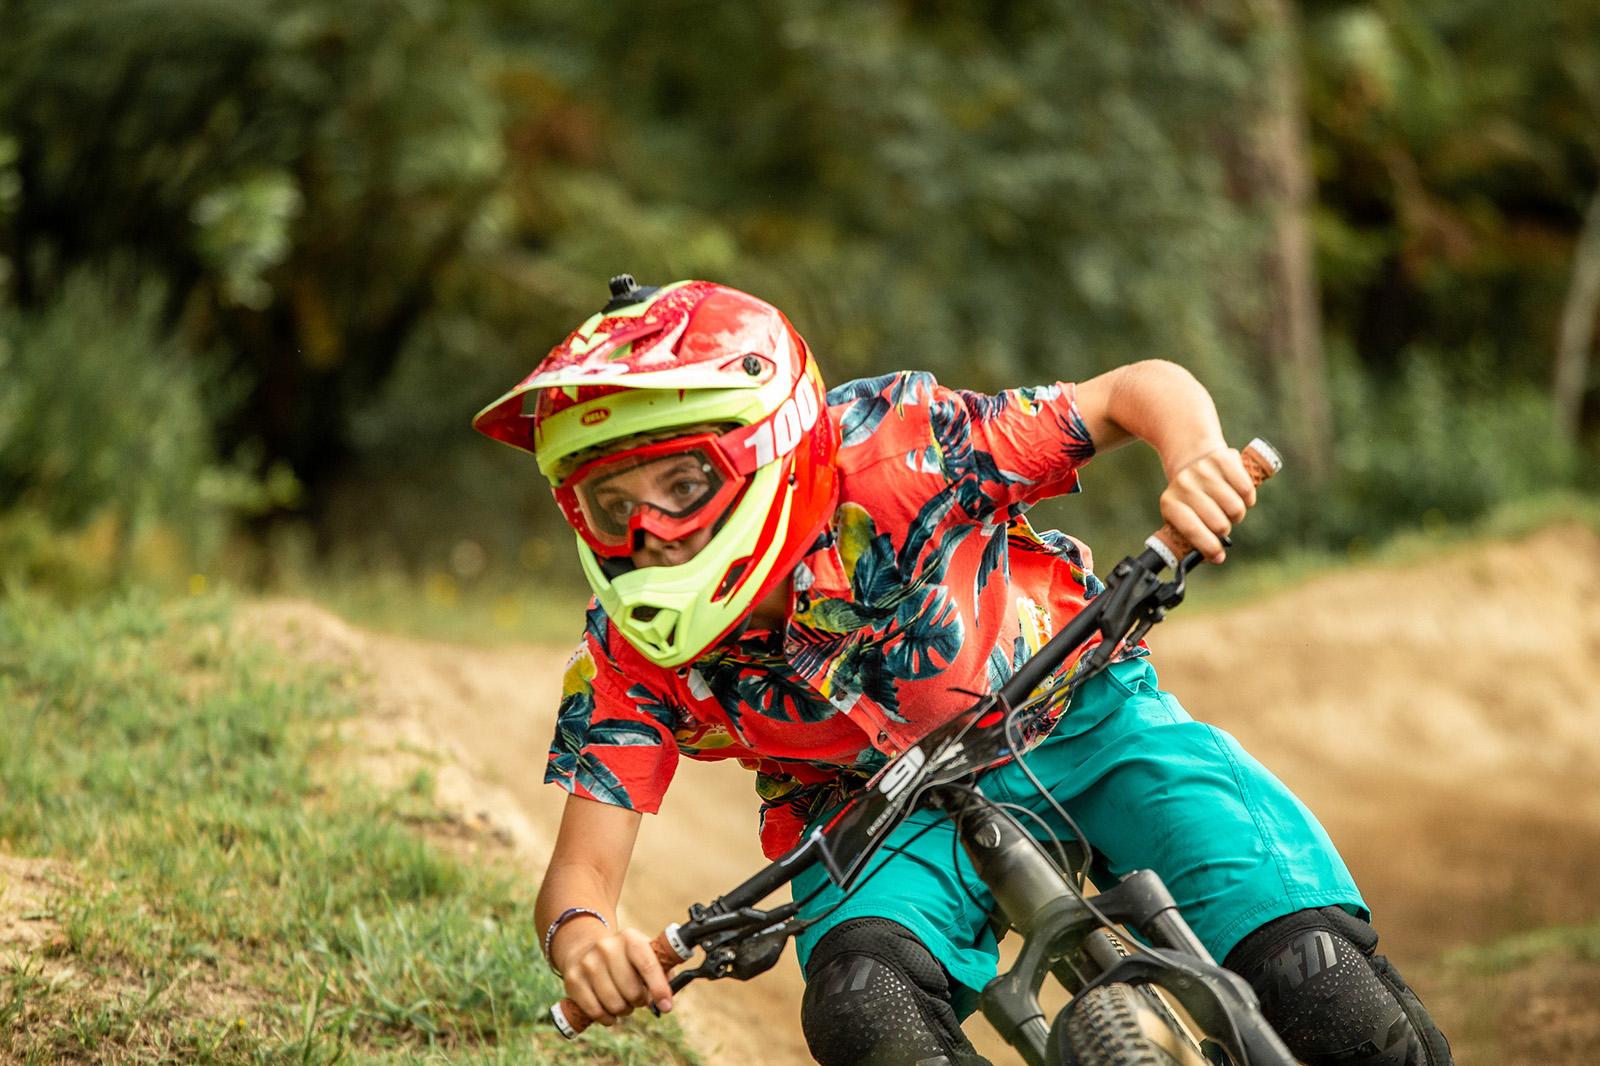 Kidsworx Hipster Downhill Challenge